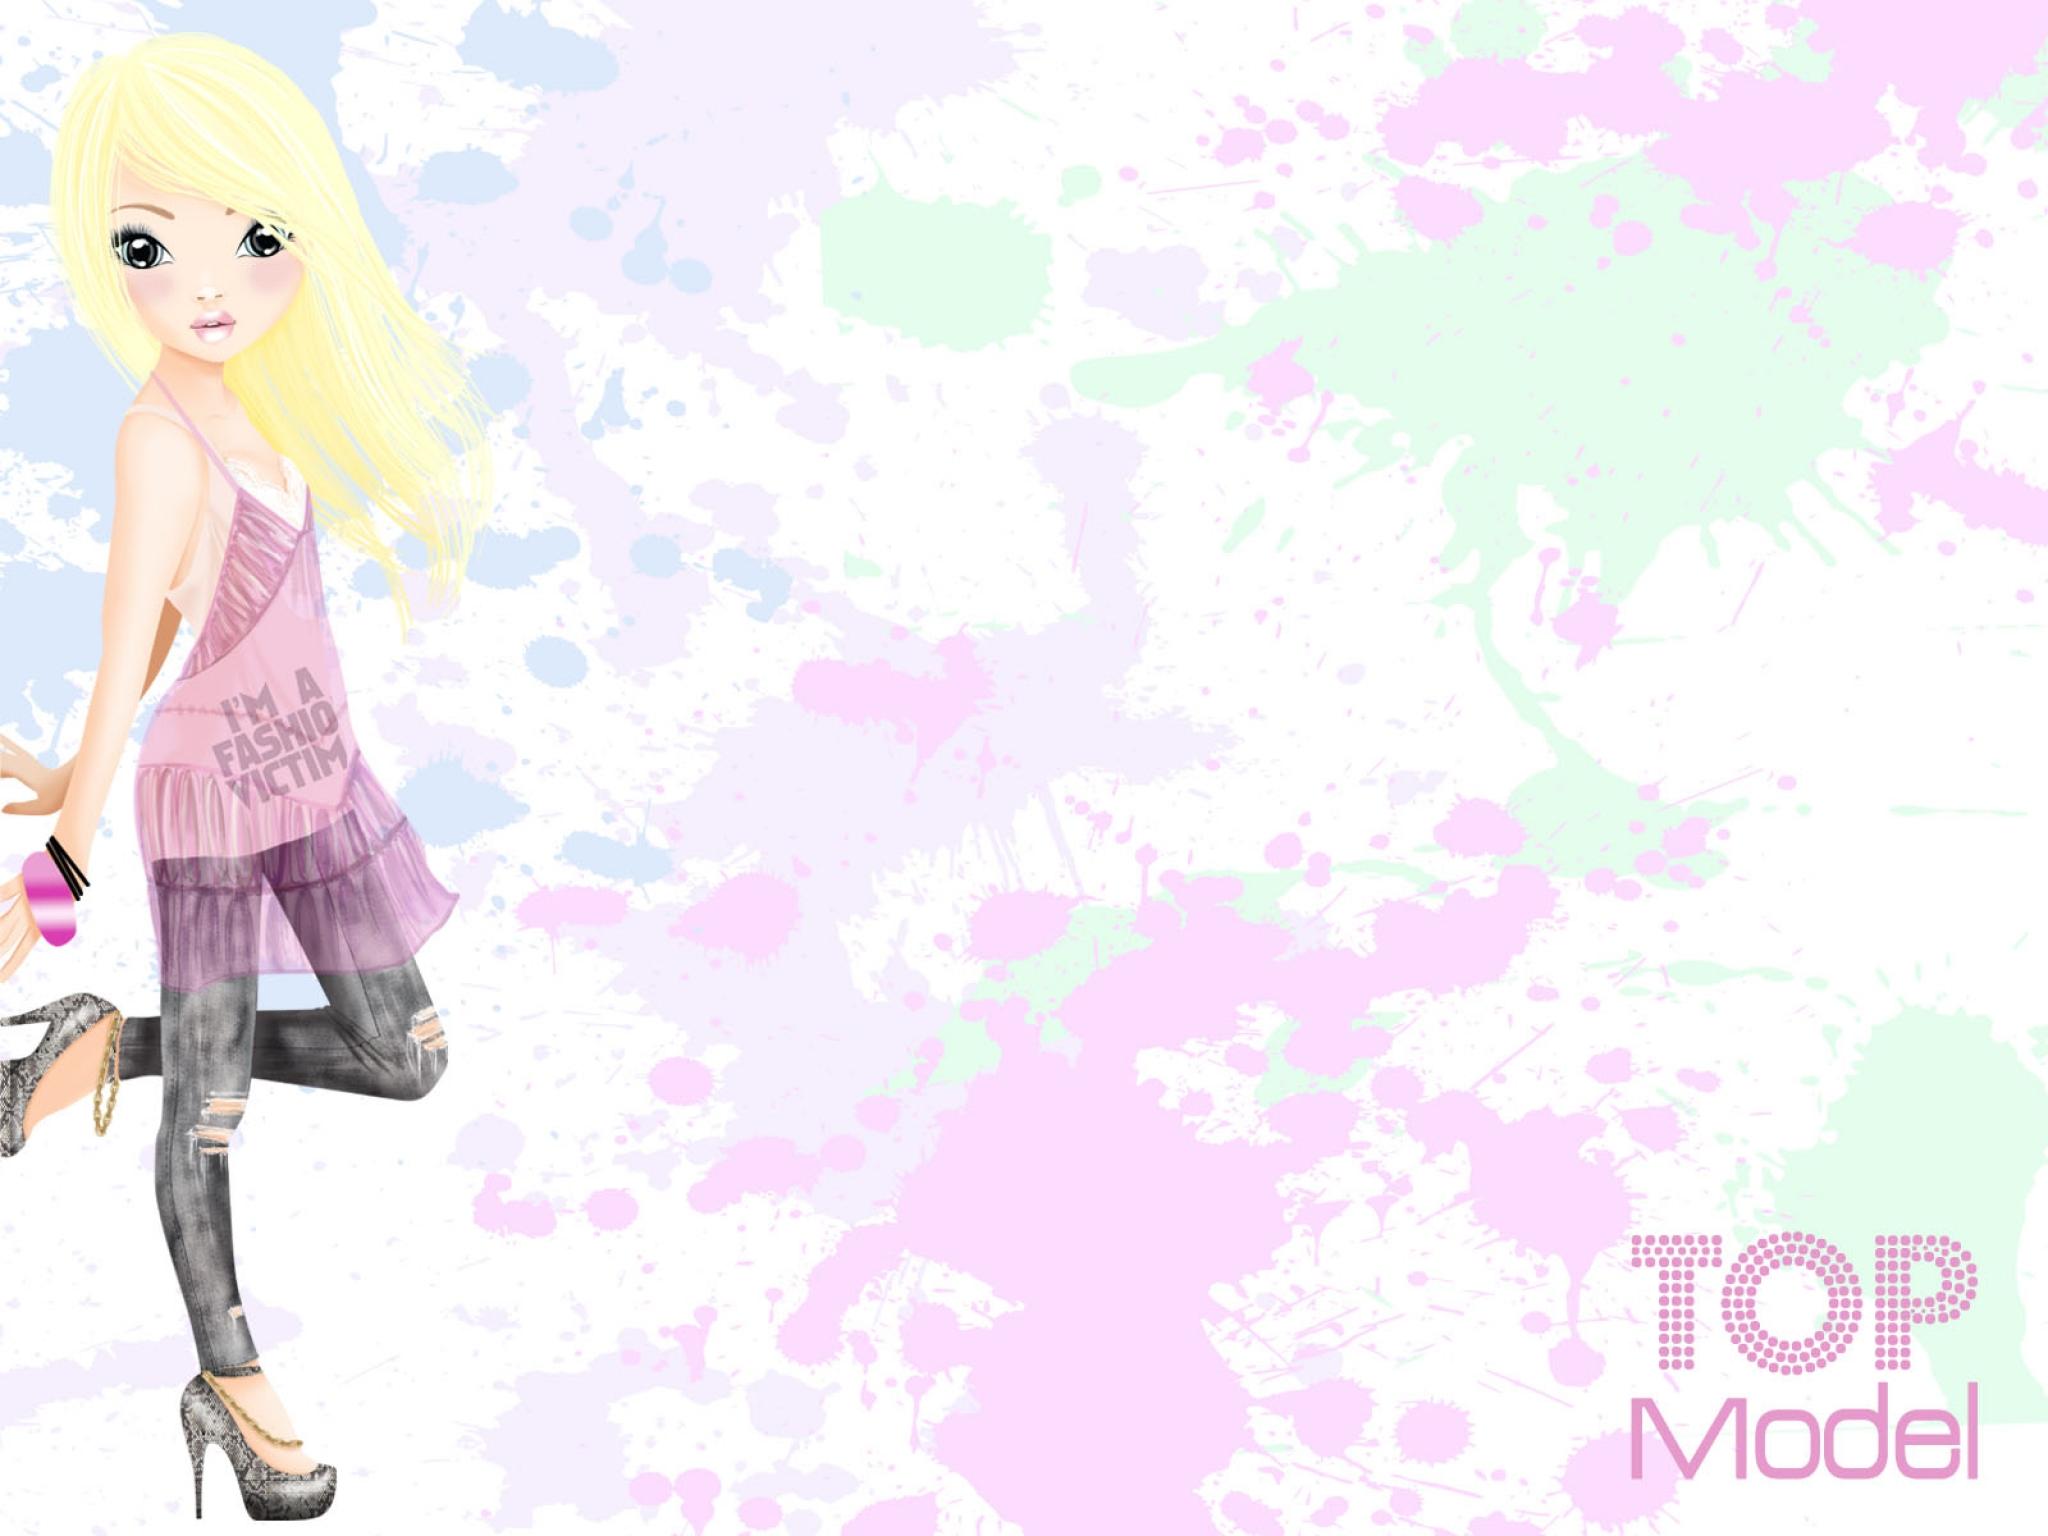 Top model wallpapers top model wallpaper 33105362 fanpop for Top mobel